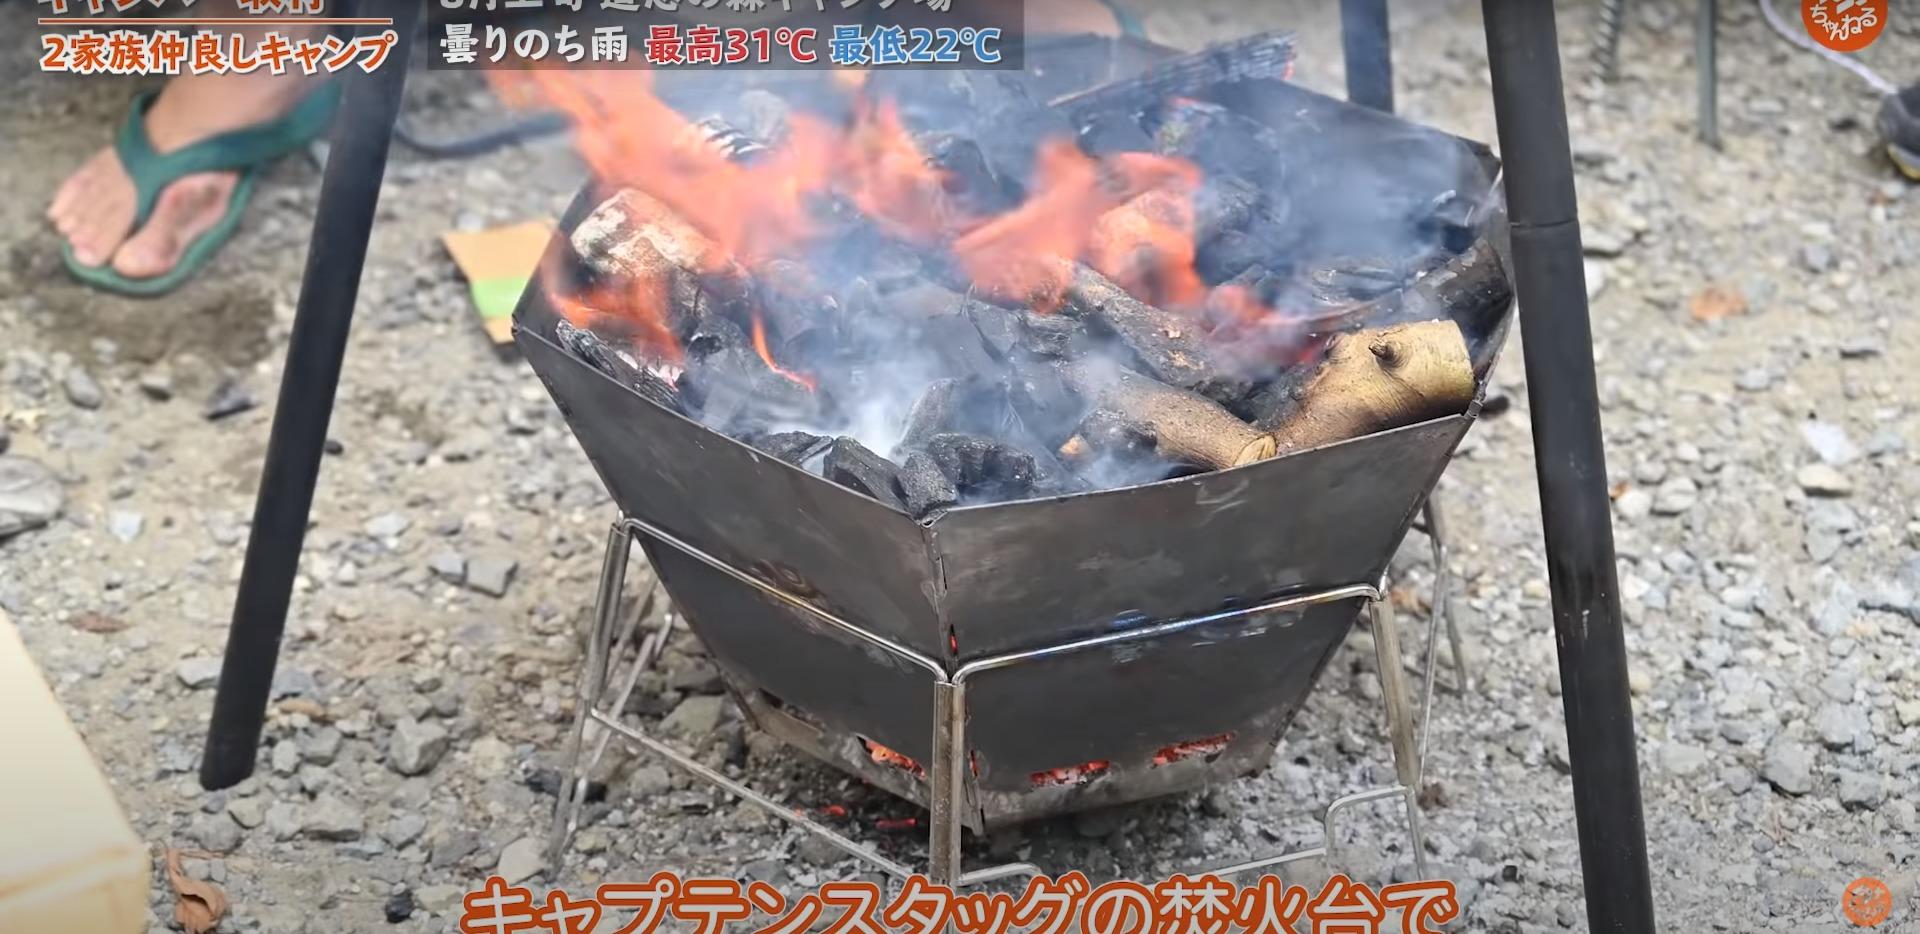 焚き火台:【キャプテンスタッグ(CAPTAIN STAG)】